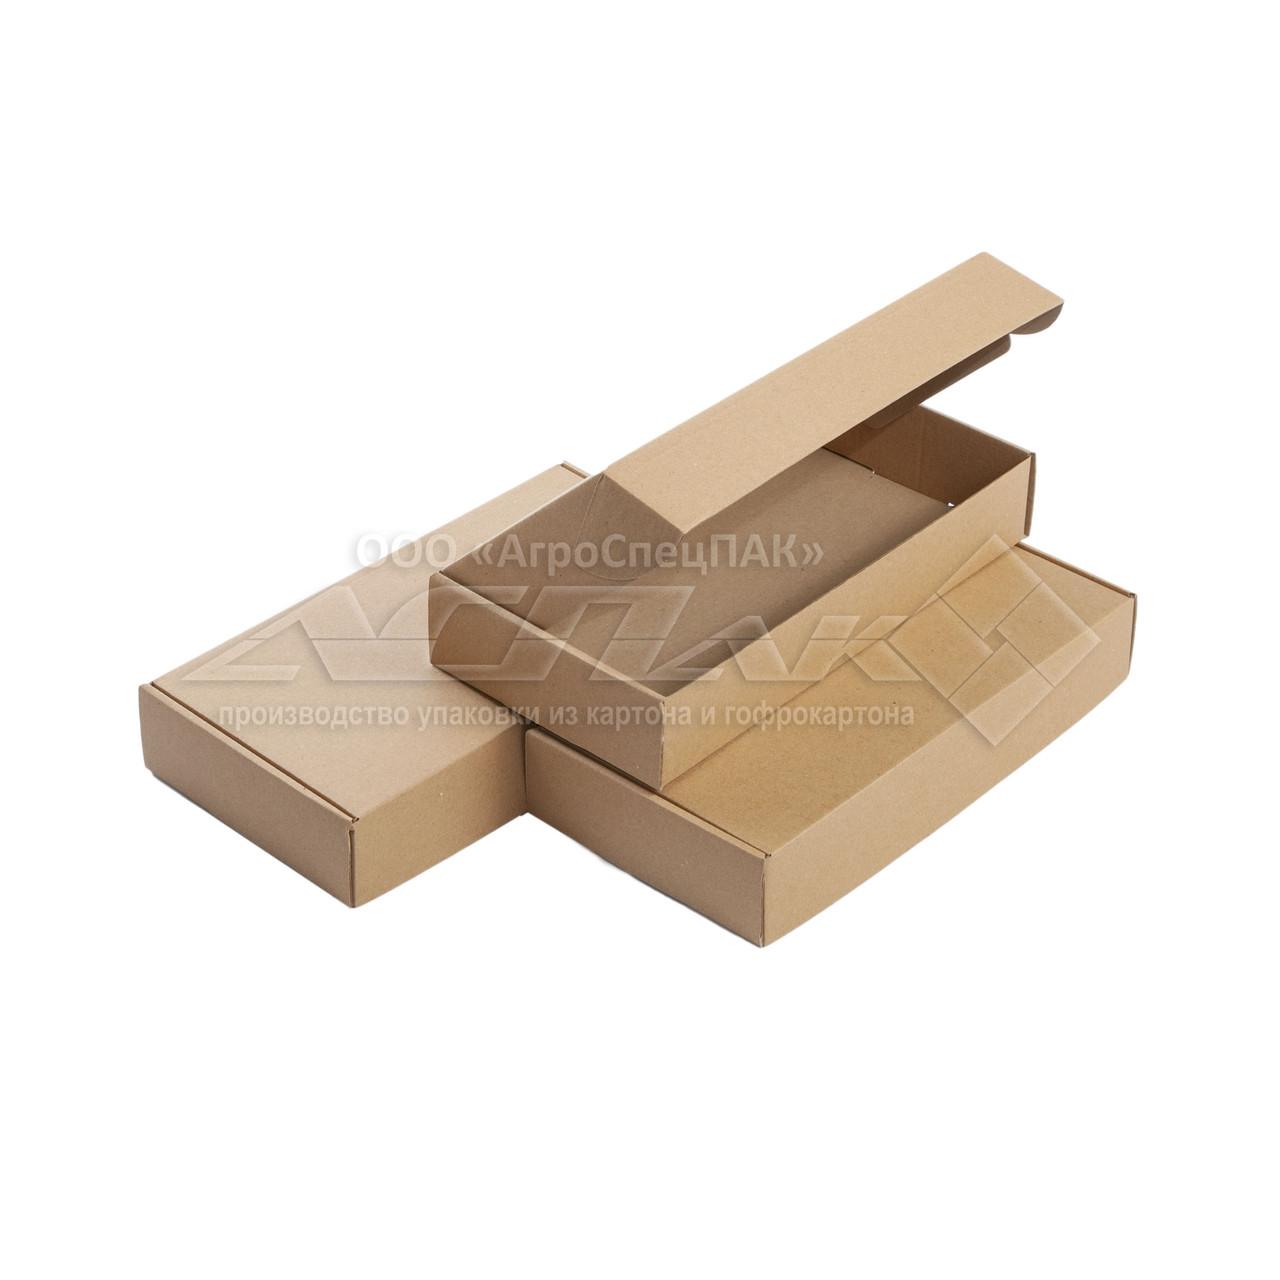 Картонные коробки 303*153*53 бурые - фото 1